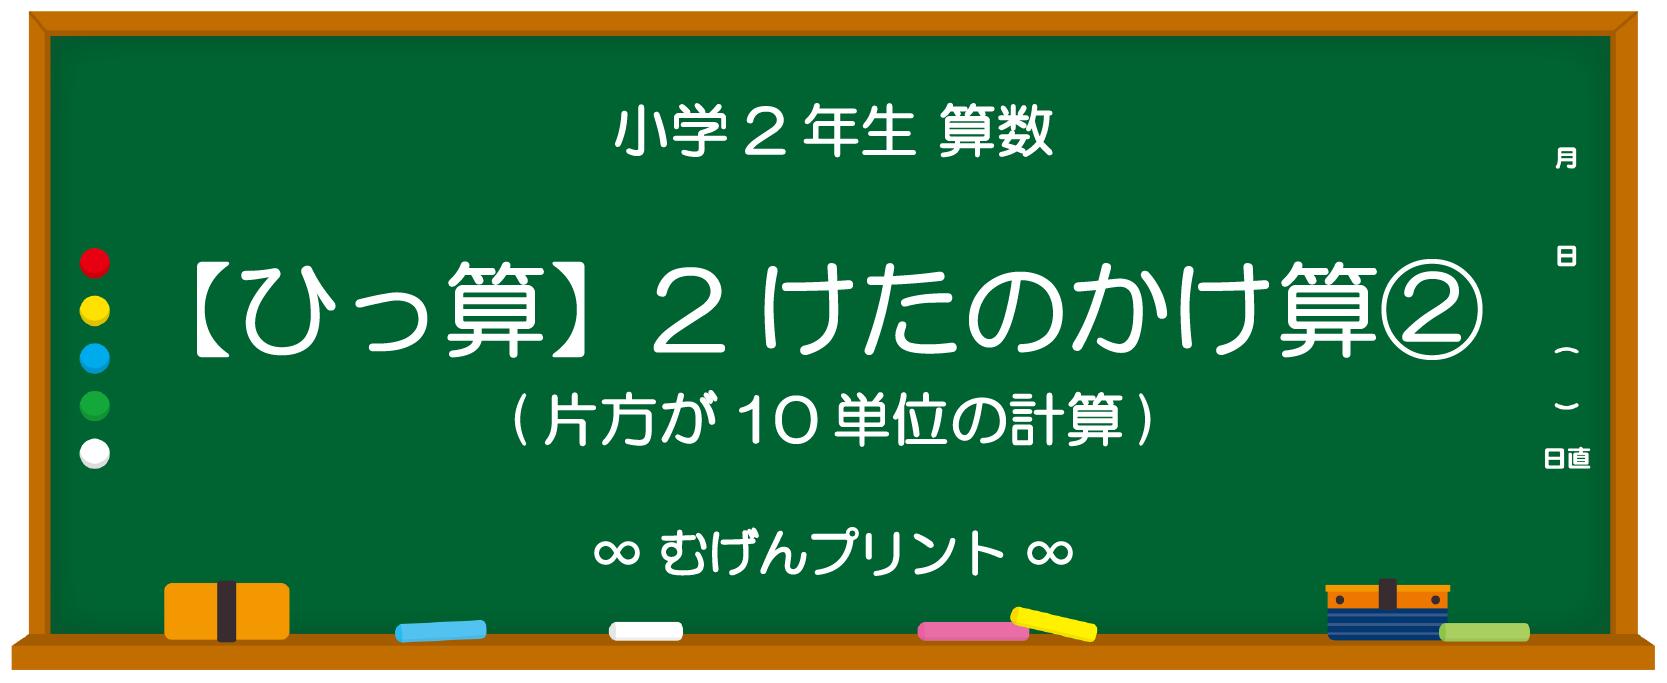 【小3 算数 無料プリント/ミニテスト/ドリル】【ひっ算】2けたのかけ算②(片方が10単位の計算)